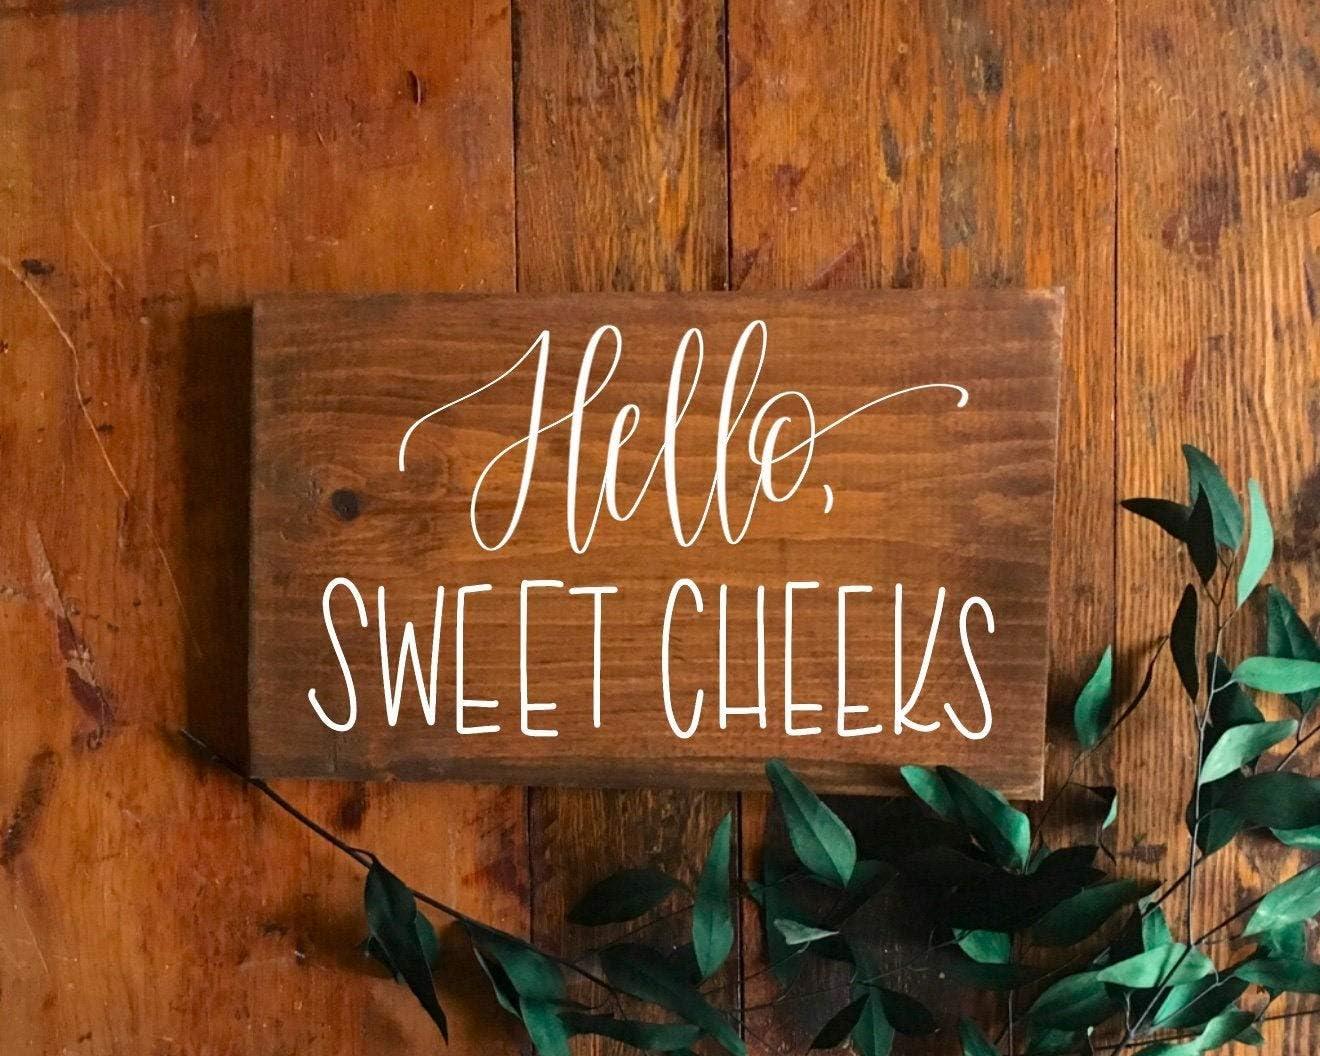 DKISEE Hello Sweet Cheeks - Cartel de madera para baño, decoración de cuarto de baño, decoración de baño de granja, decoración de baño, madera, 1 color, 9.8